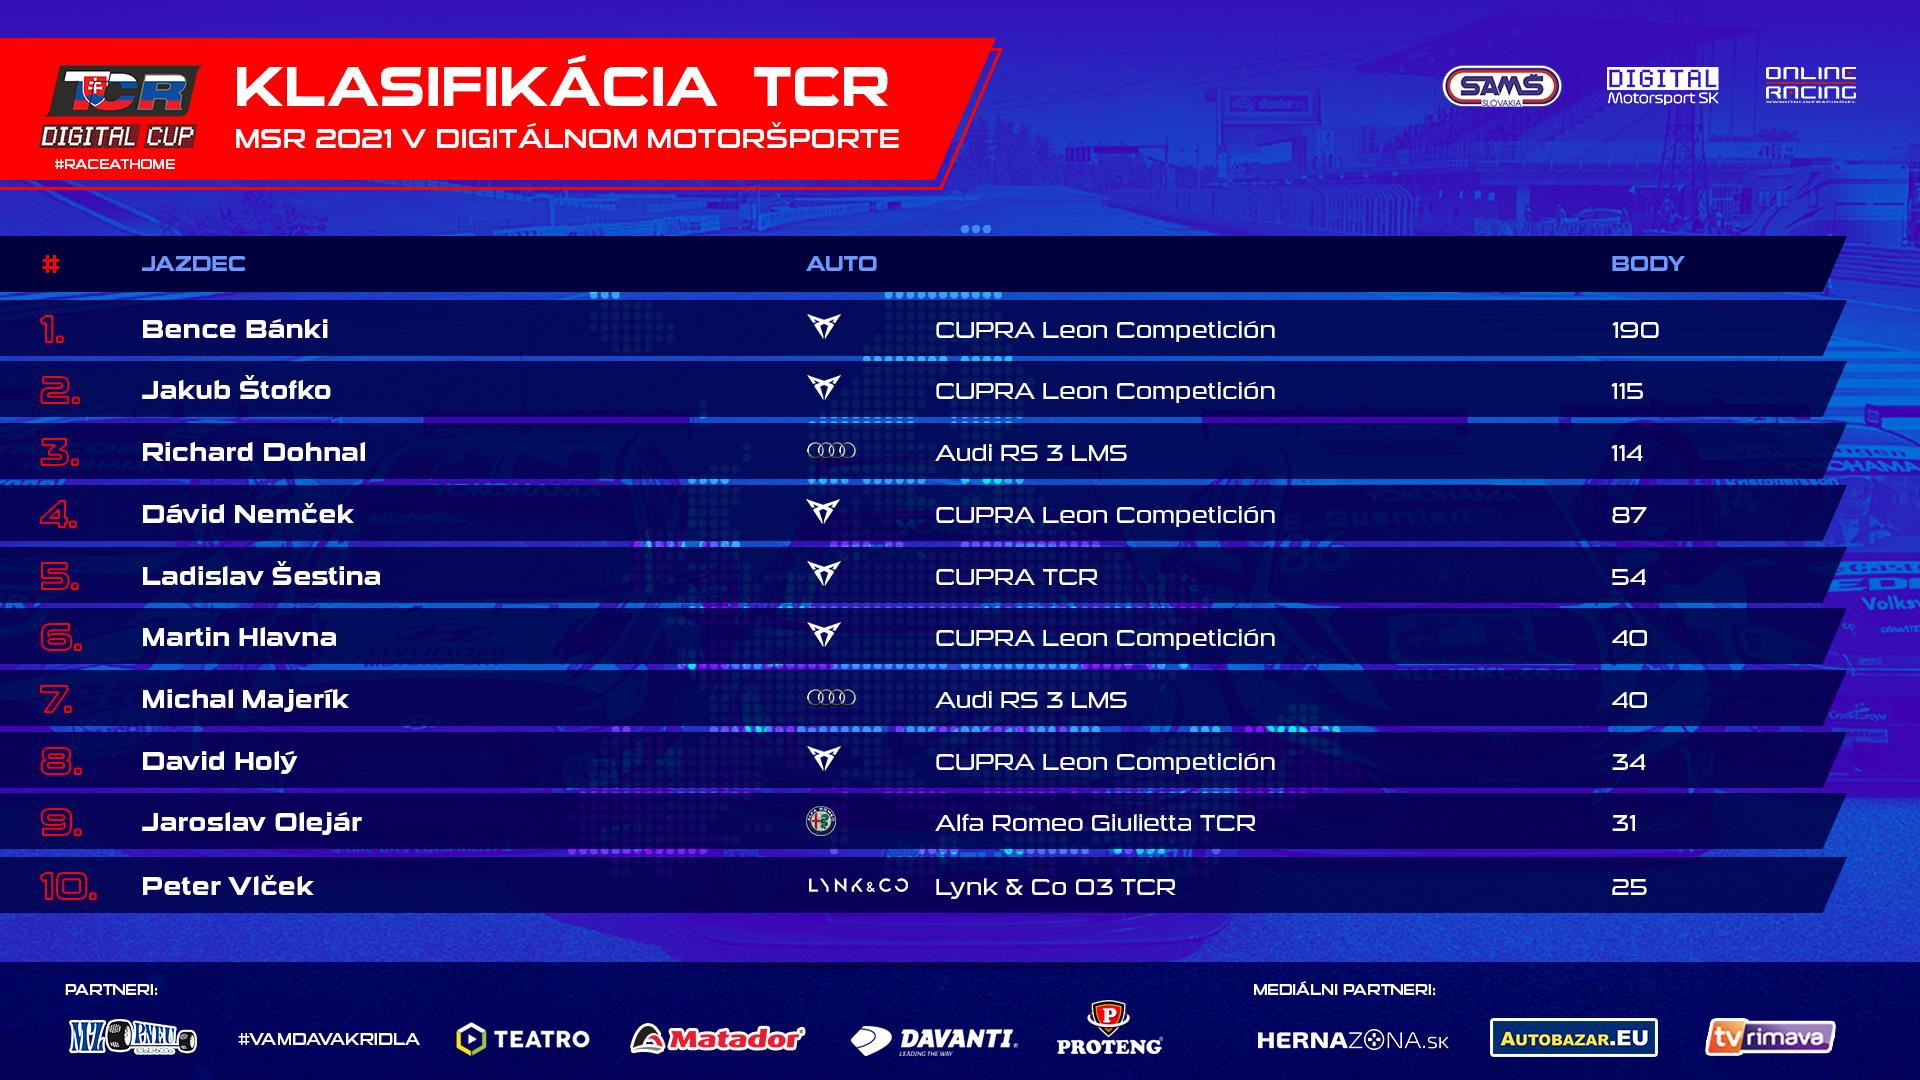 Priebežné poradie pohára TCR po odjazdení polovice šampionátu.